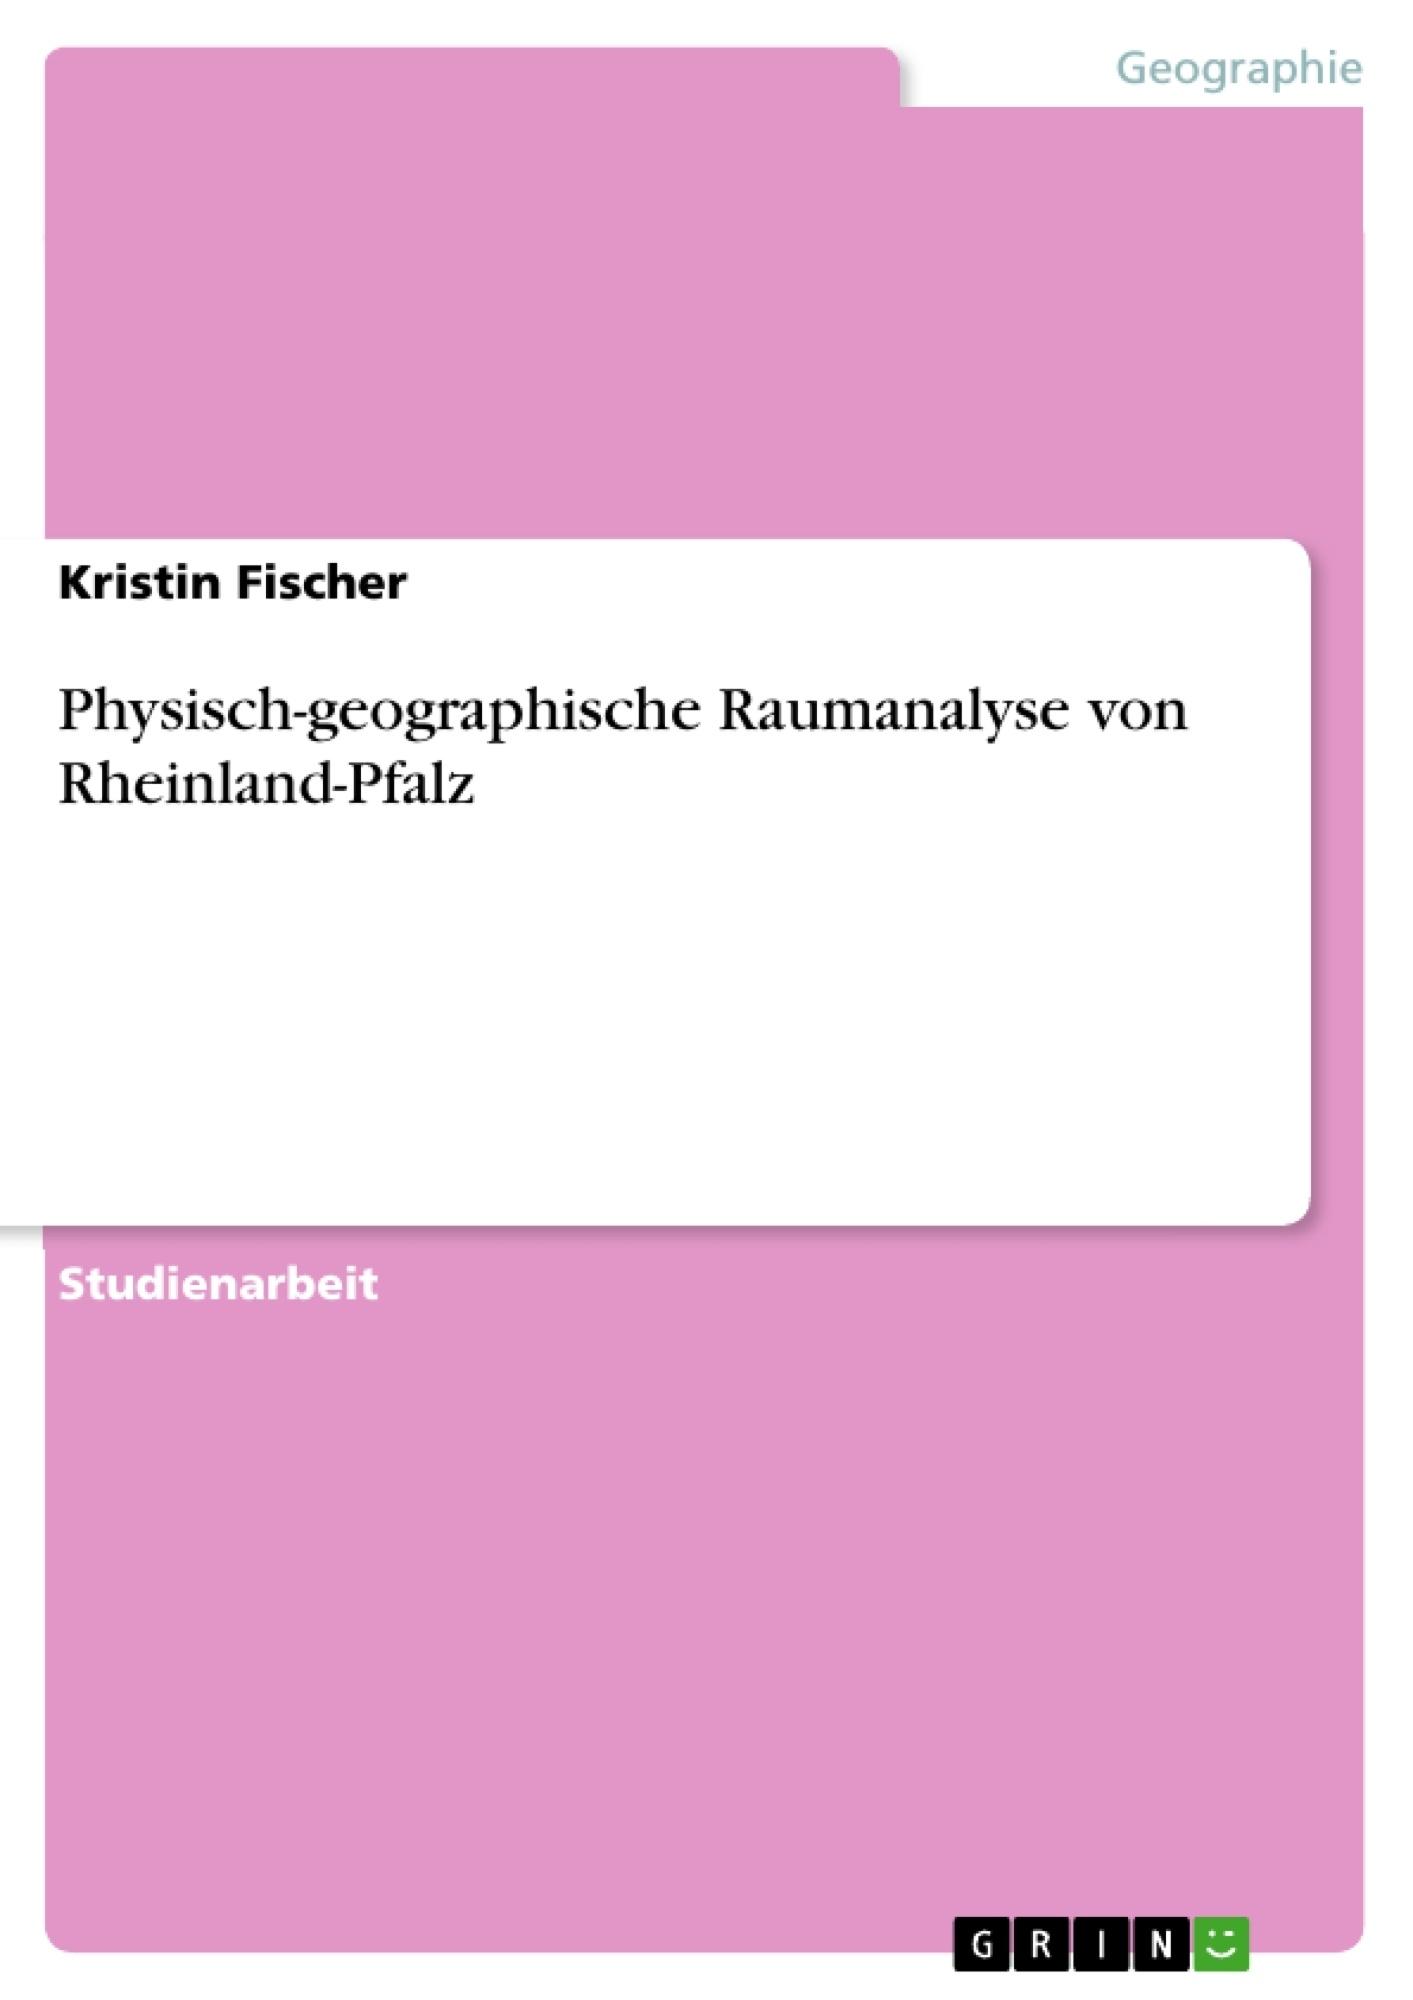 Titel: Physisch-geographische Raumanalyse von Rheinland-Pfalz